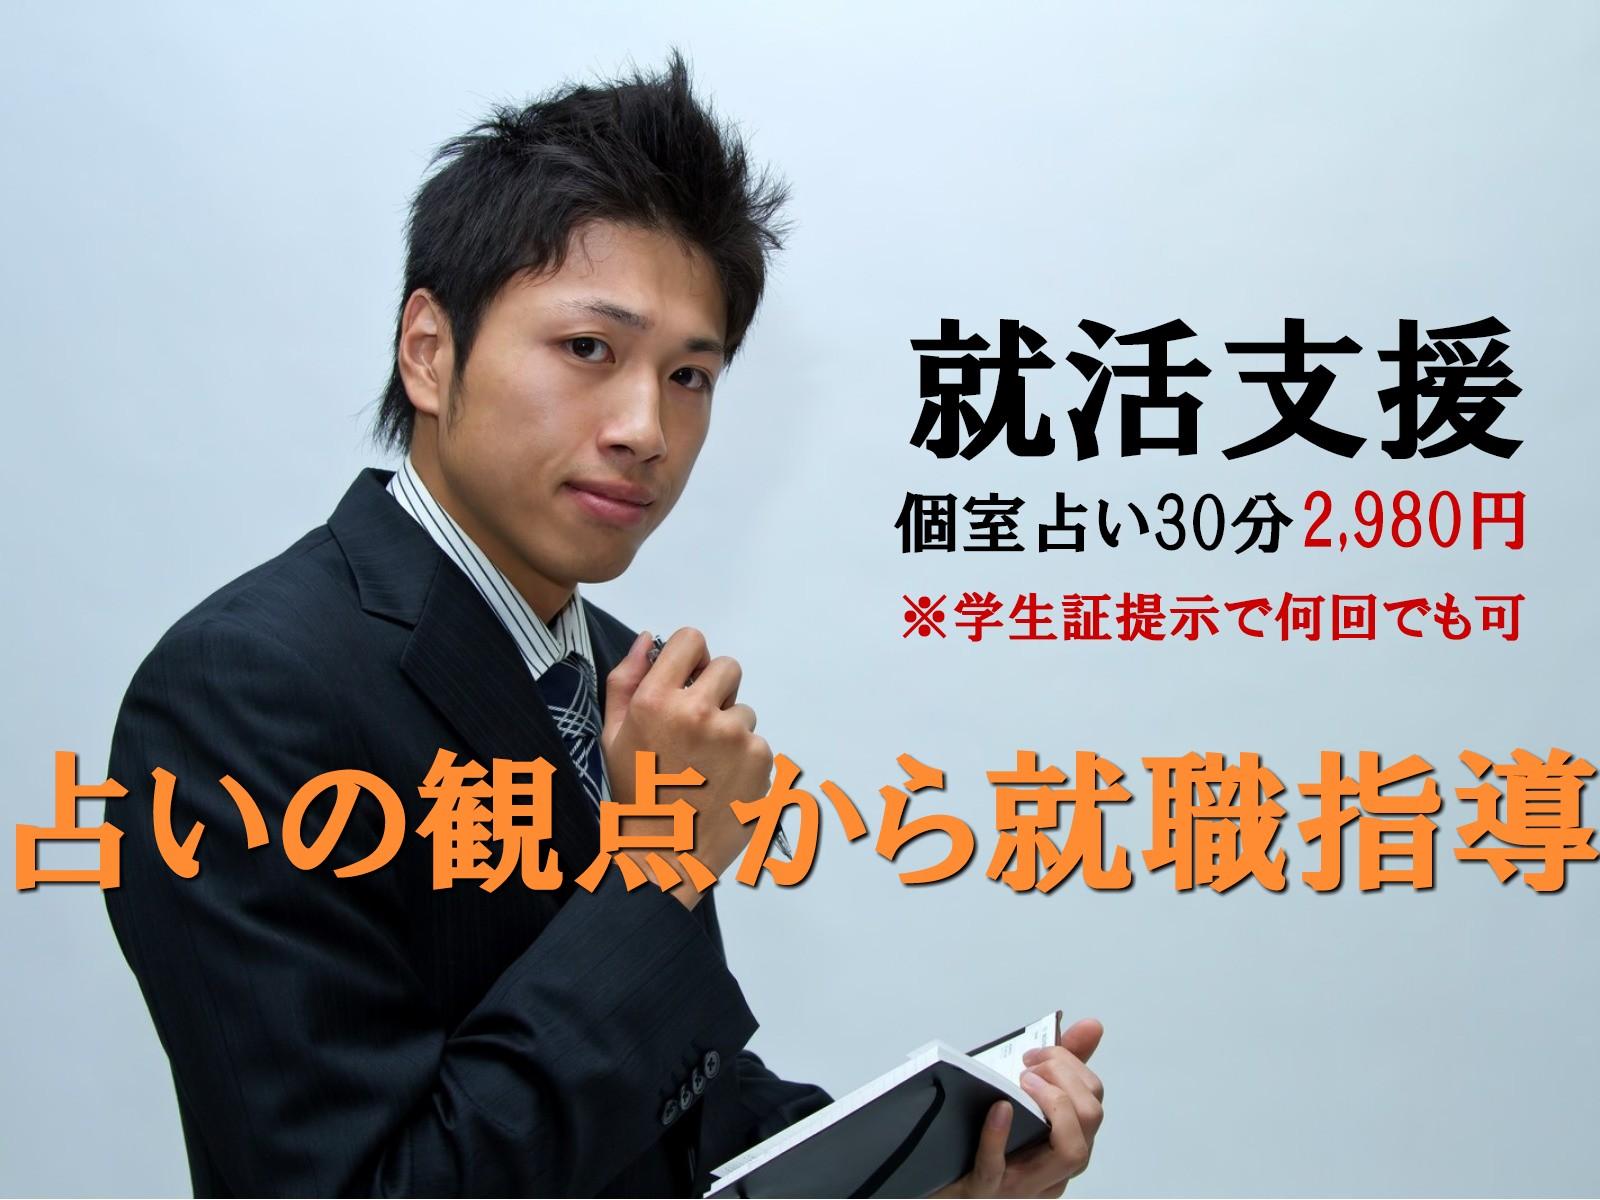 東京で就活セミナーなら「占いの観点から就職指導」を行う占い館BCAFE(ビーカフェ)渋谷店がオススメ!「就活がうまくいかない」「就活が辛い」「就活に疲れた」方の心を癒して就活モチベーションアップを図!